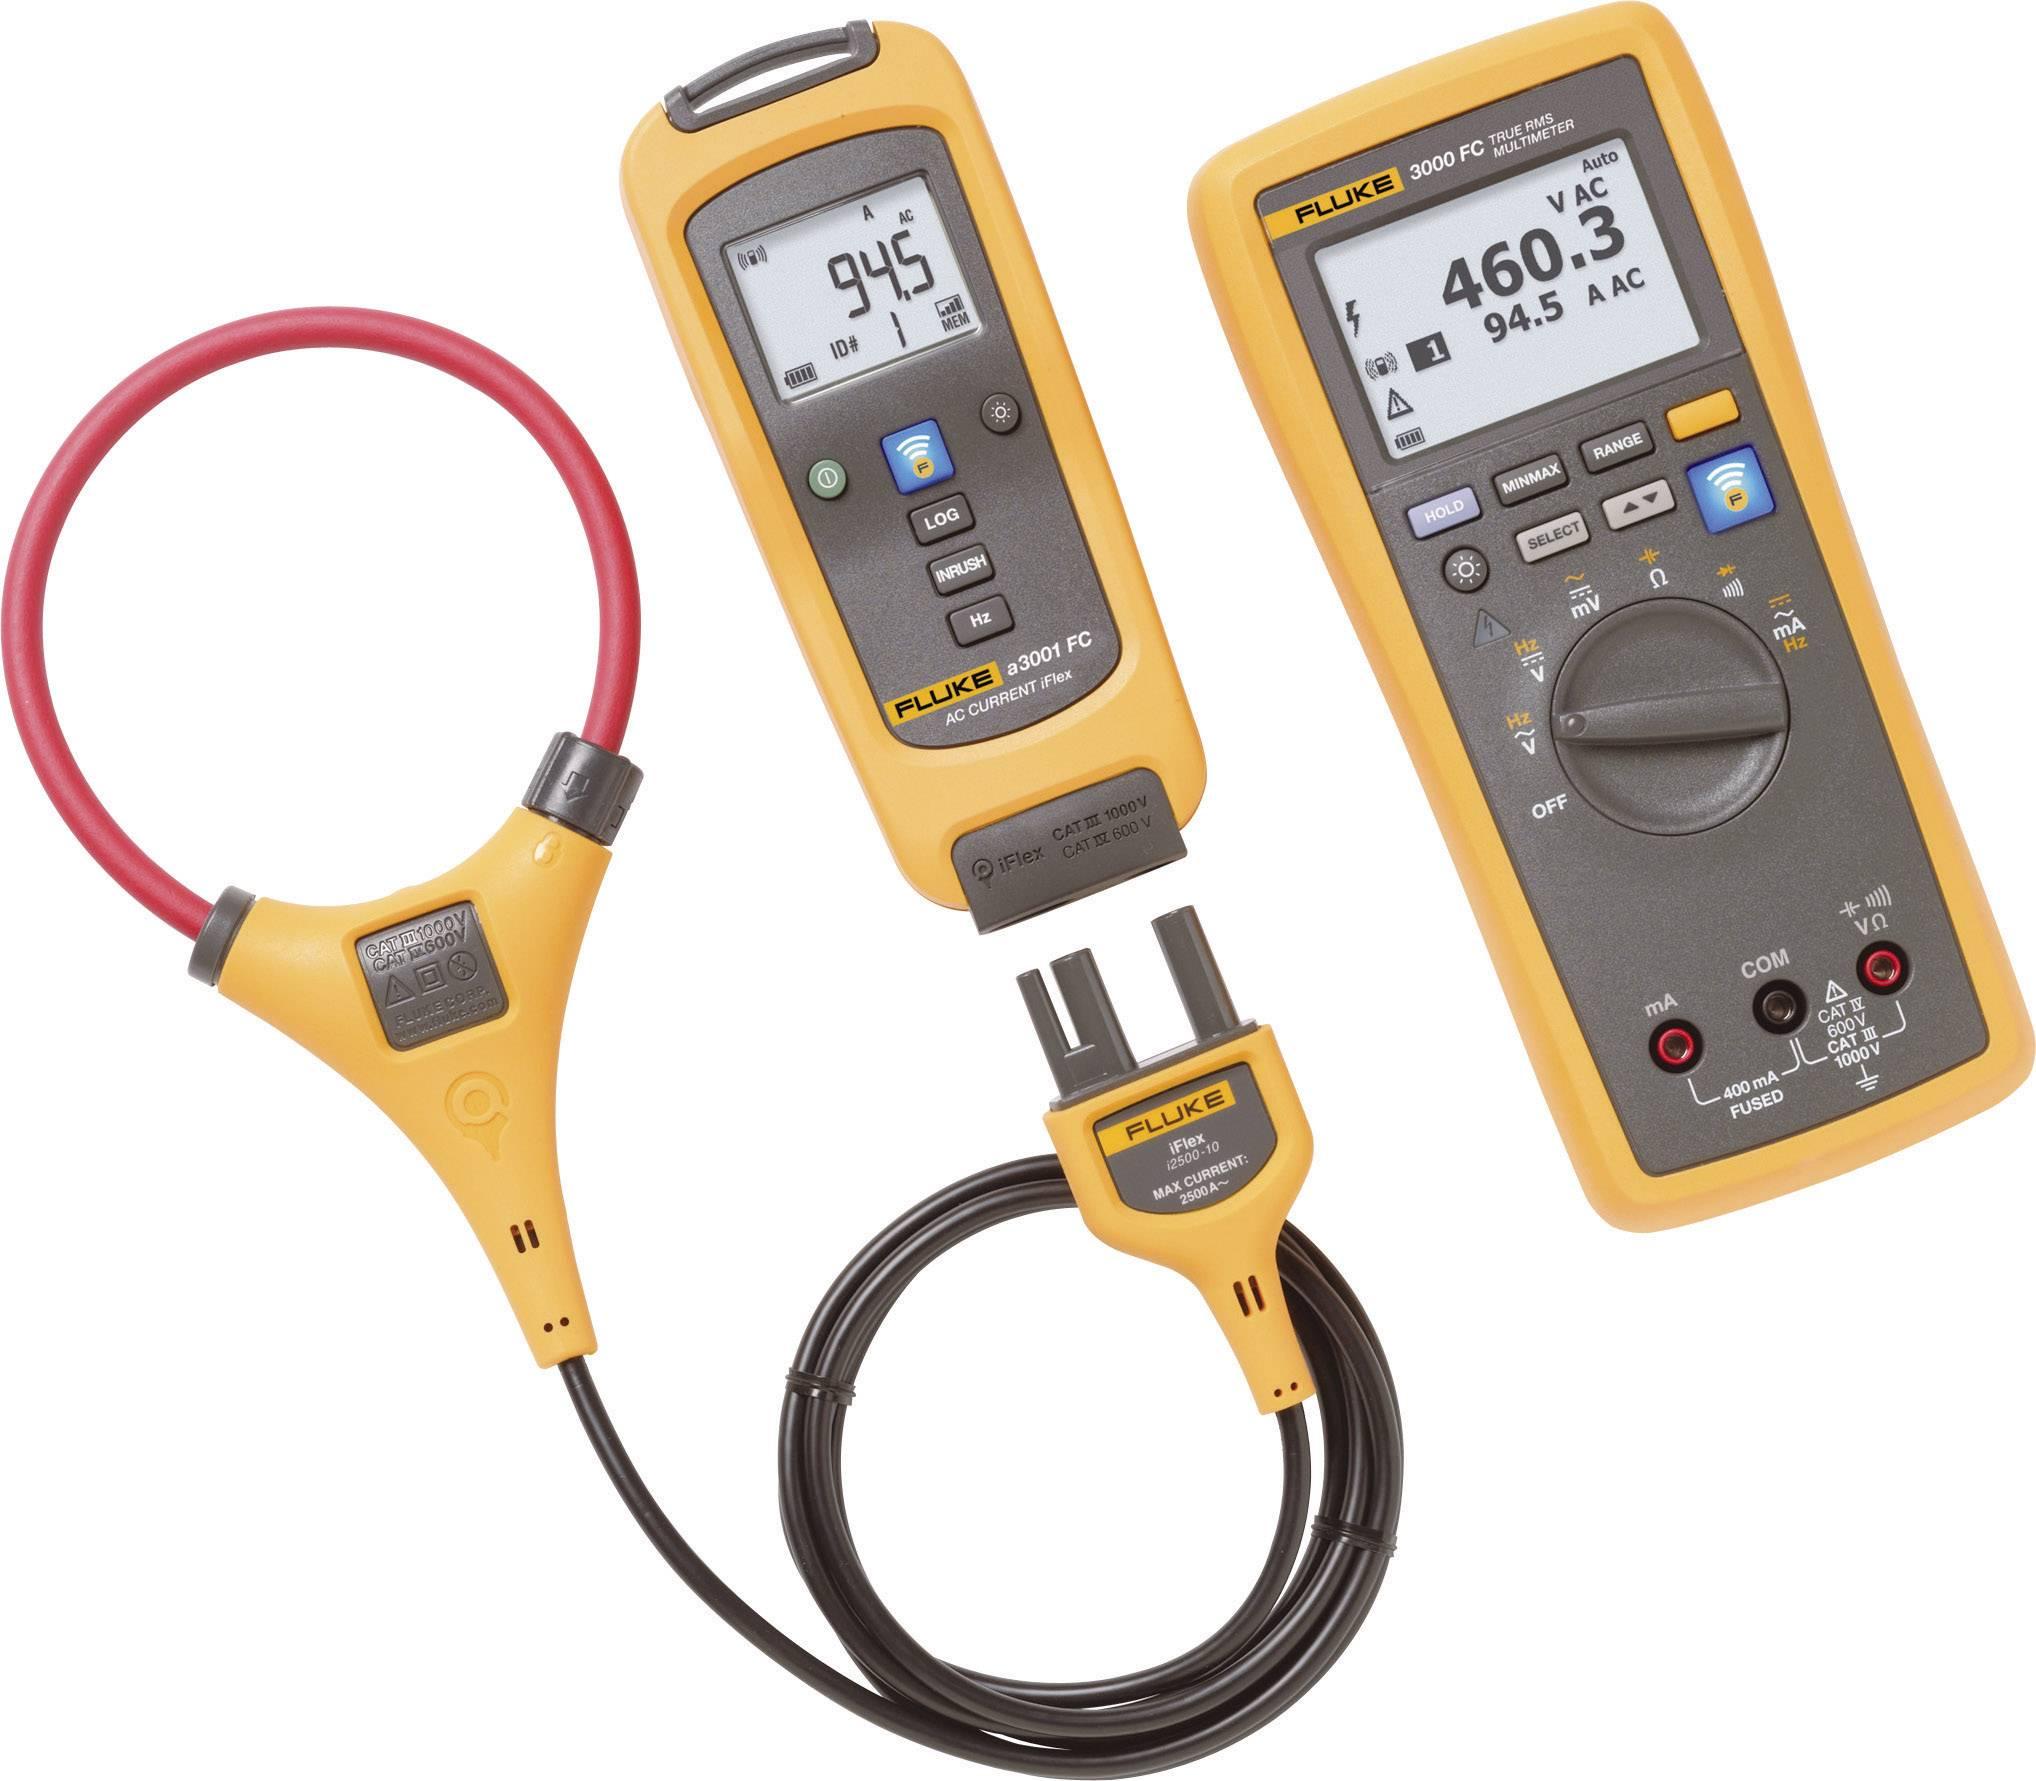 Sada pro bezdrátové měření proudu Fluke FLK-A3001 FC KIT, Fluke Connect, 4465665